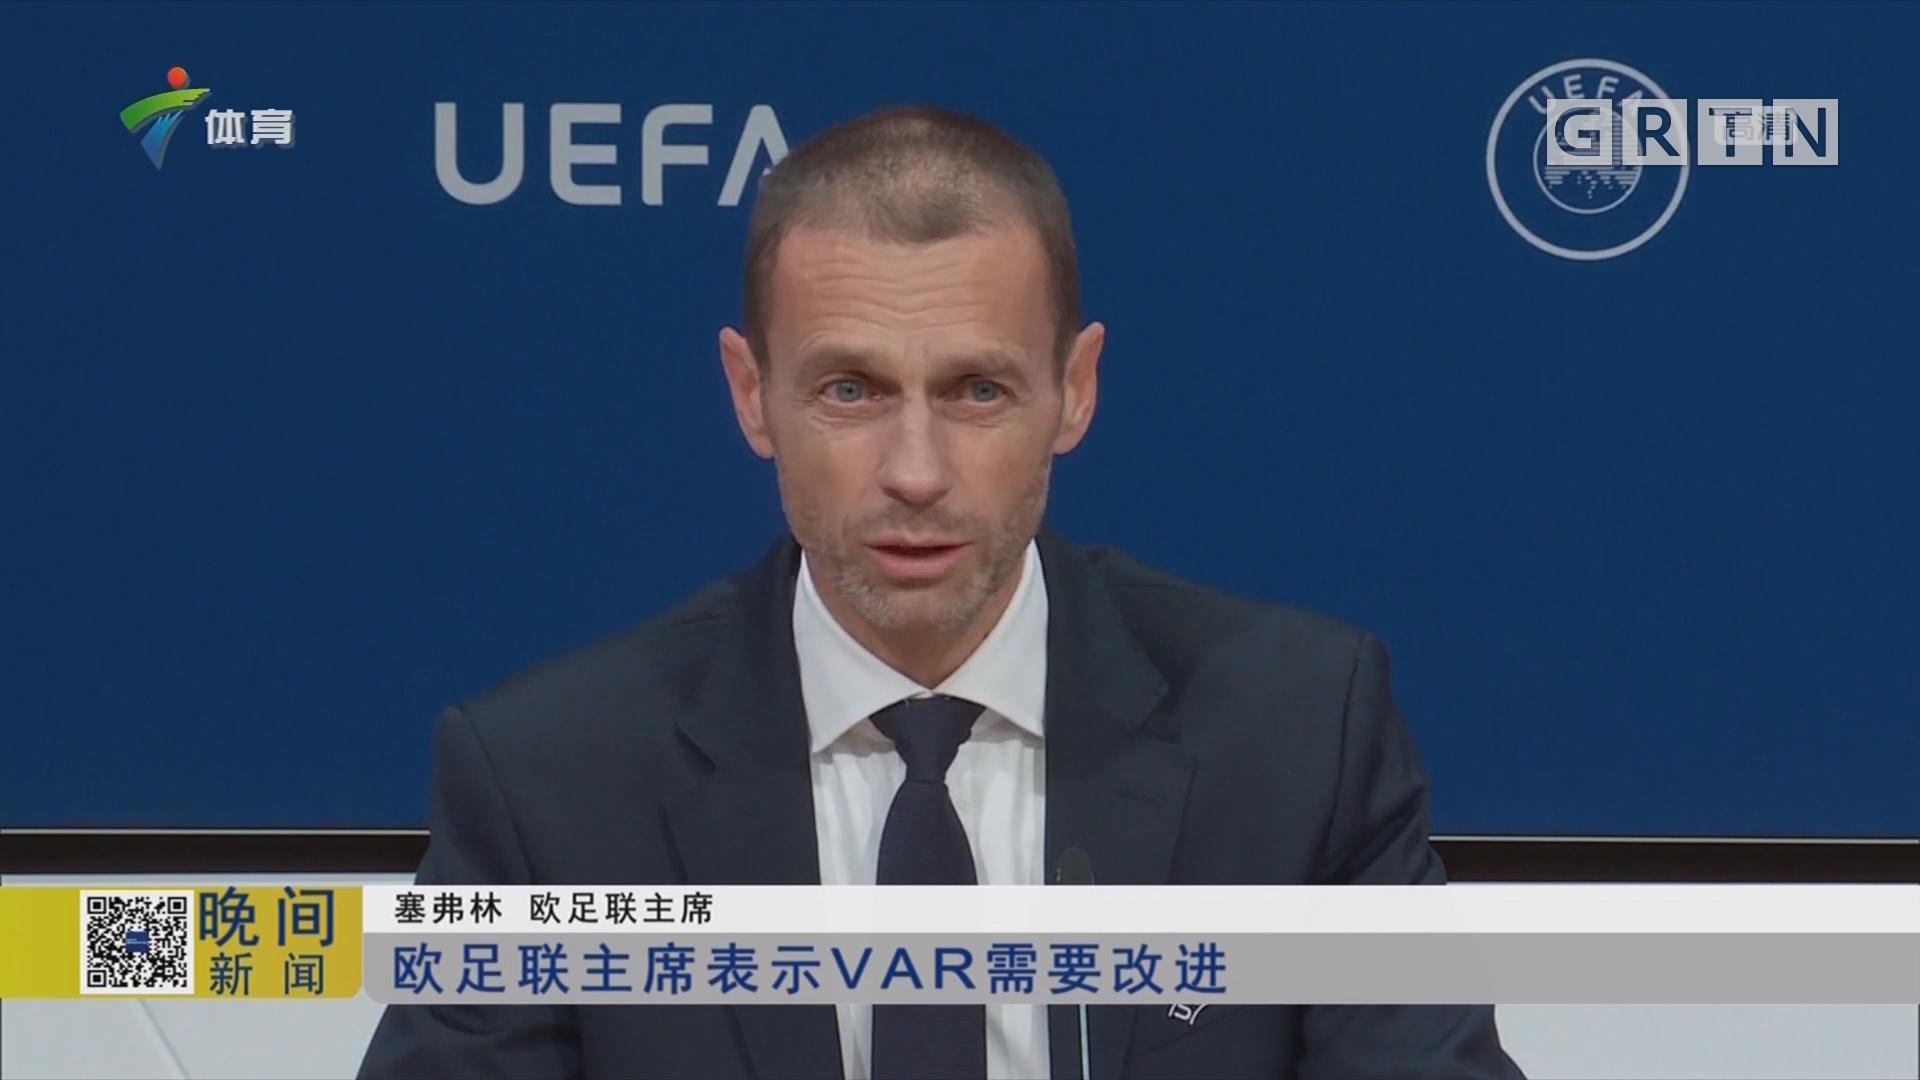 欧足联主席表示VAR需要改进